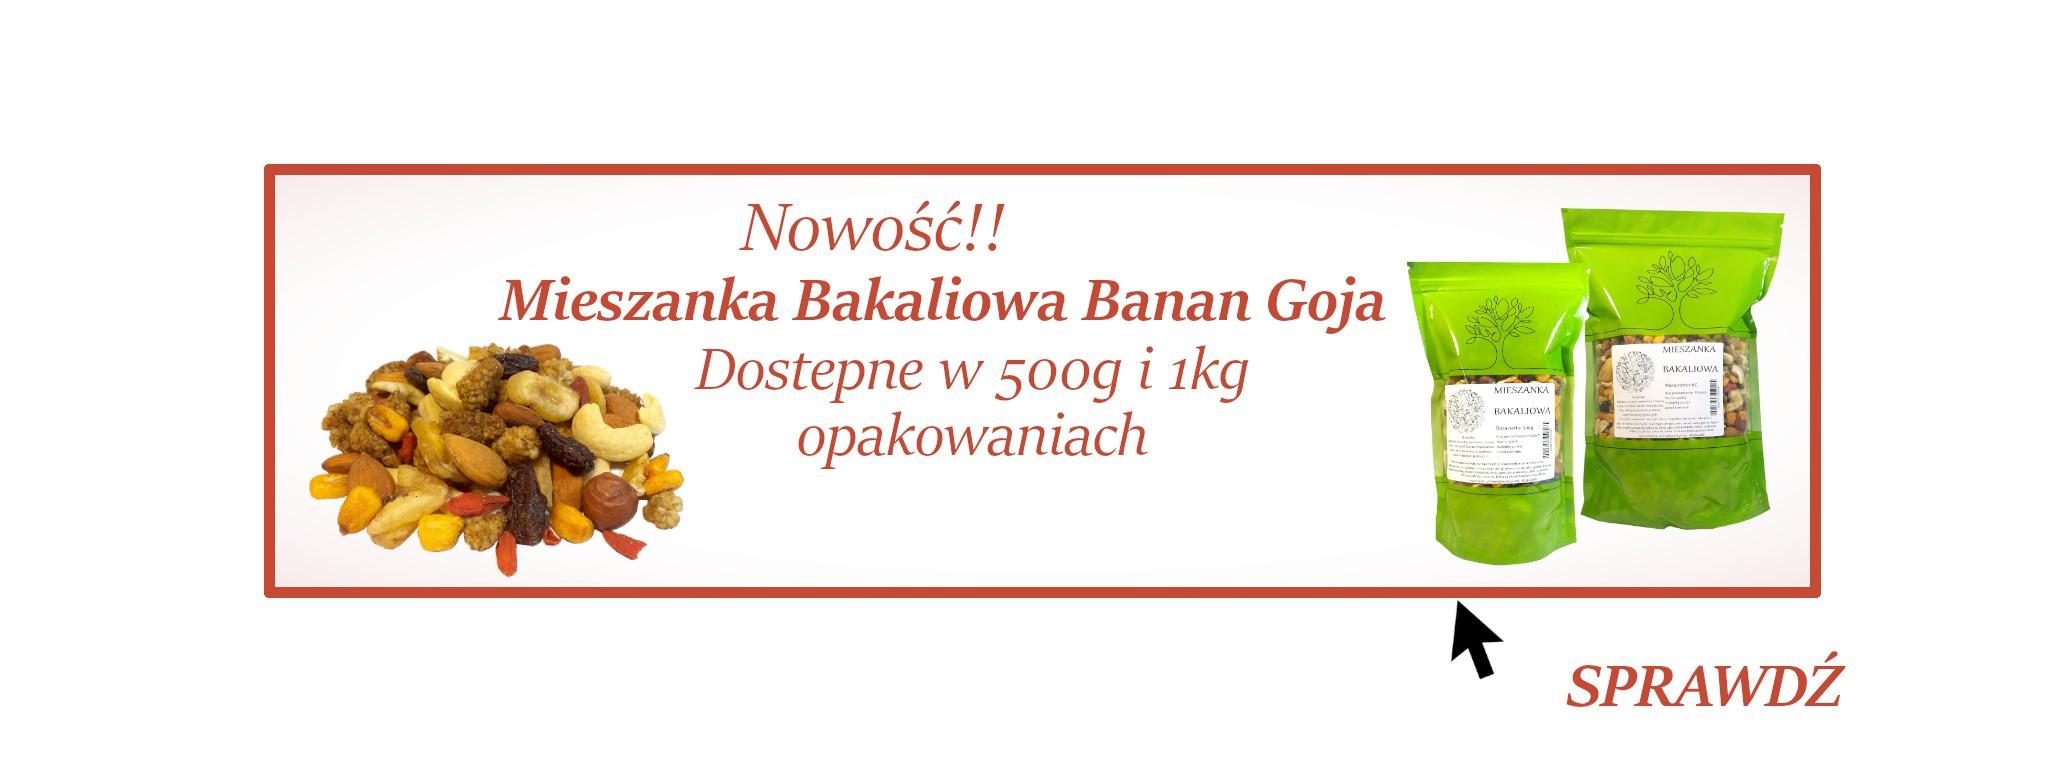 Mieszanka Studencka Bakaliowa Banan Goji